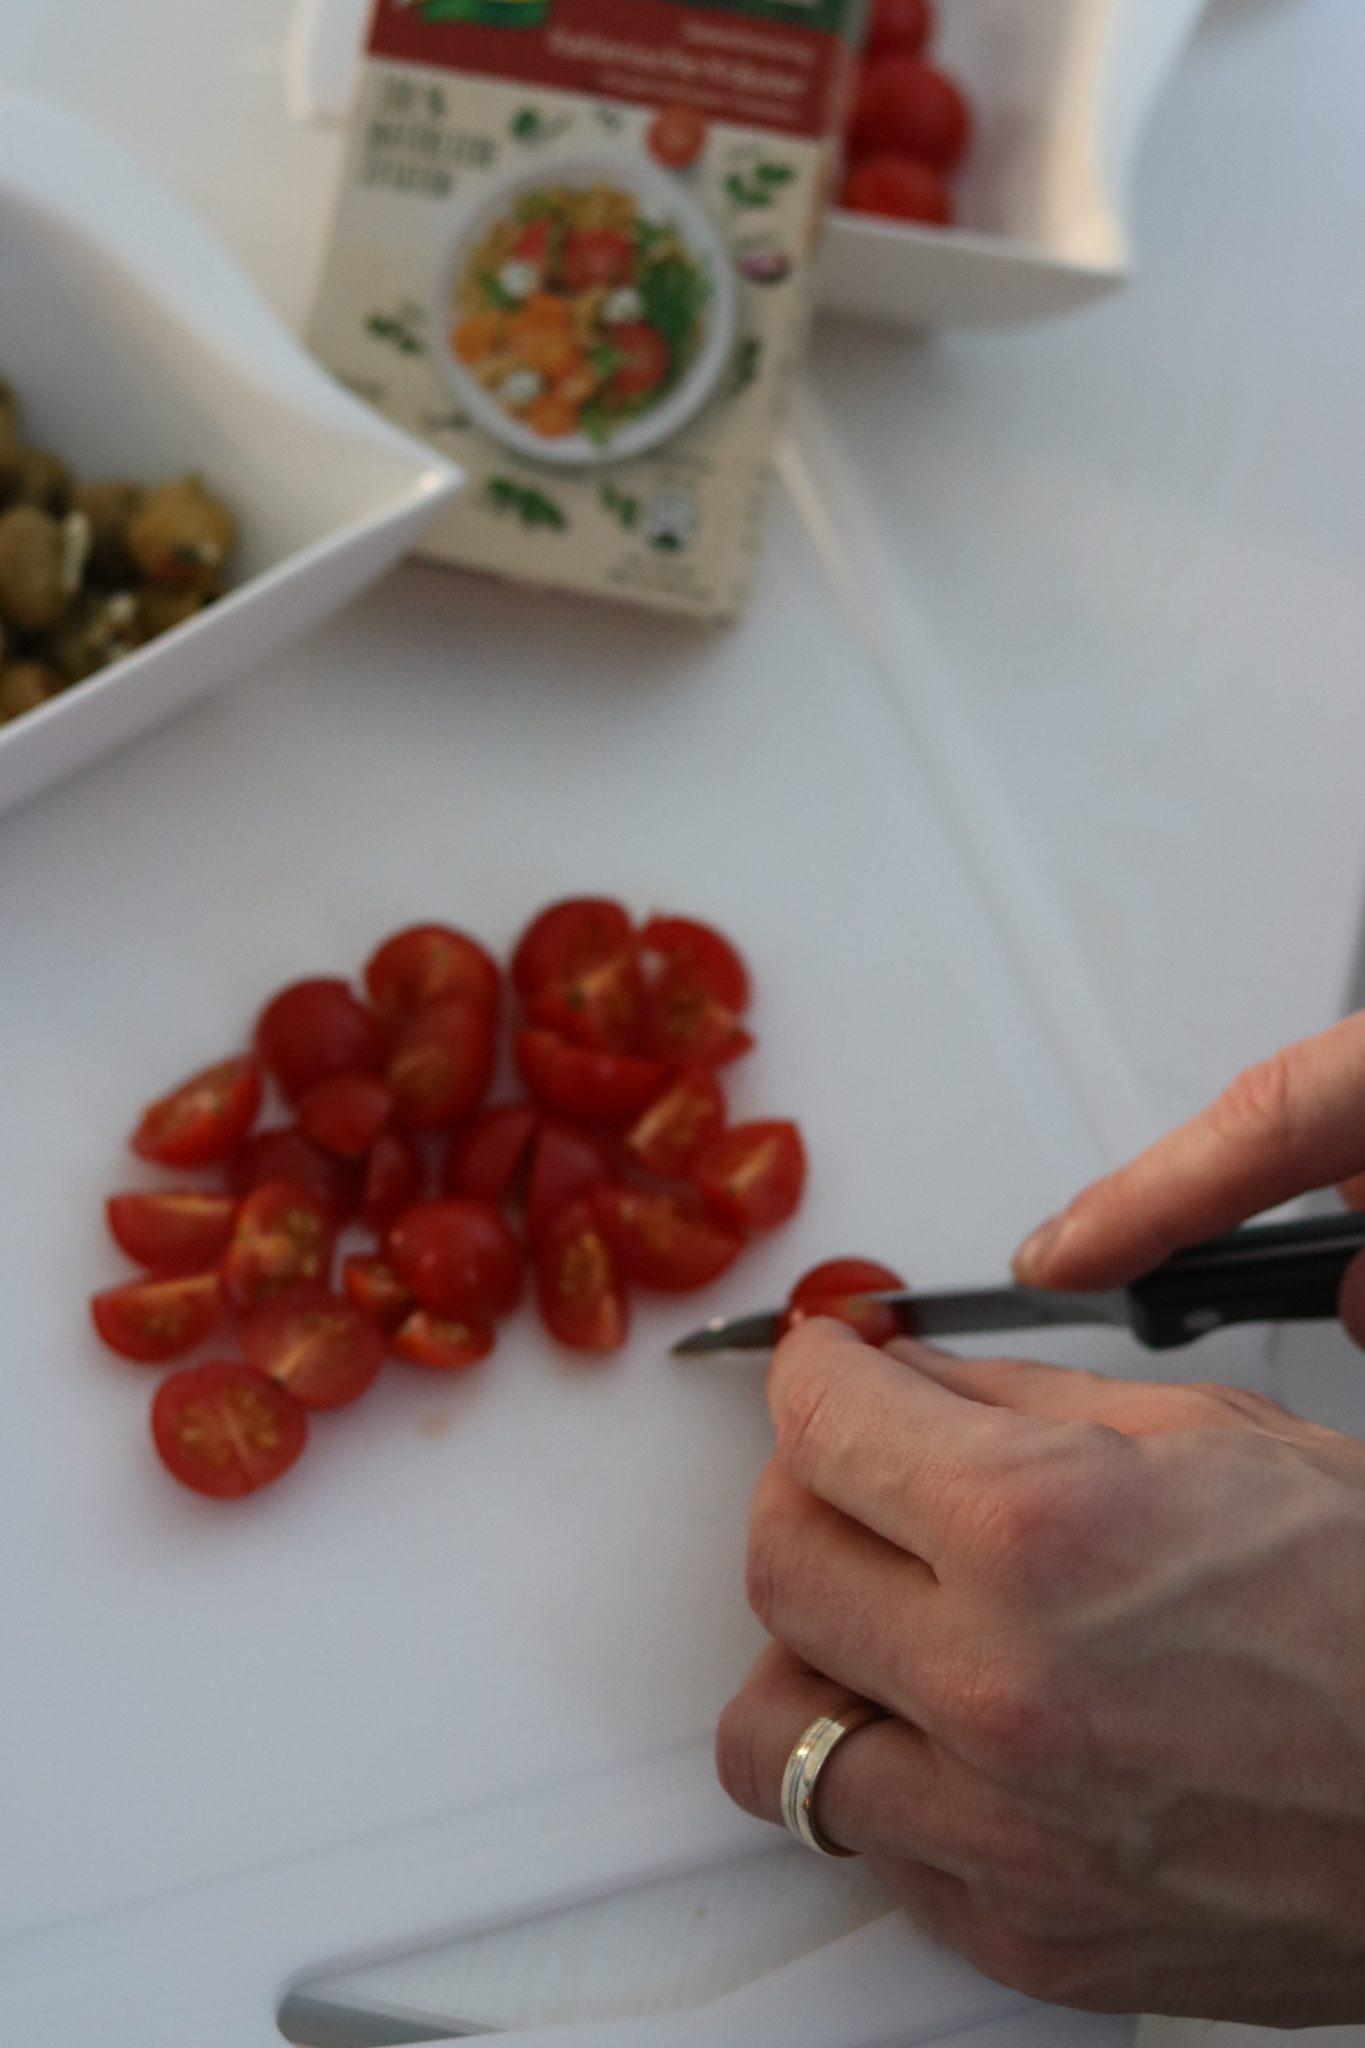 natürlich-lecker-knorr-tomaten-schneiden-brot-salat